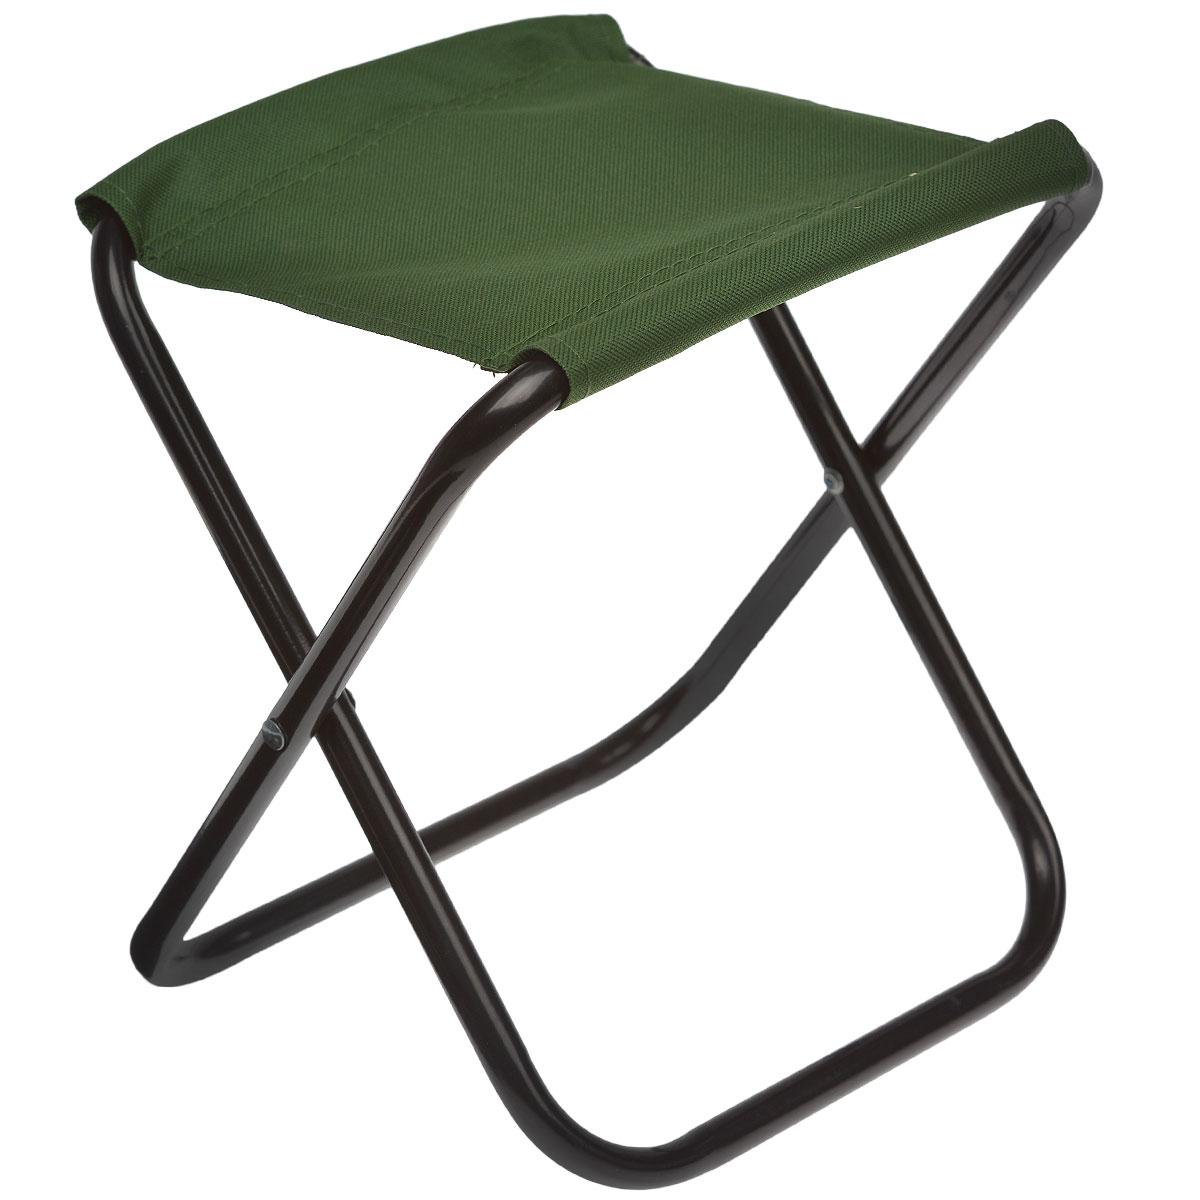 Стул складной Happy Camper, цвет: зеленыйУТ-000049531Складной стул Happy Camper станет незаменимым предметом в походе, на природе, на рыбалке, а также на даче. Изготовлен из ткани Оксфорд 600D с покрытием из ПВХ. Каркас выполнен из стали. Выдерживает нагрузку в 60 кг.